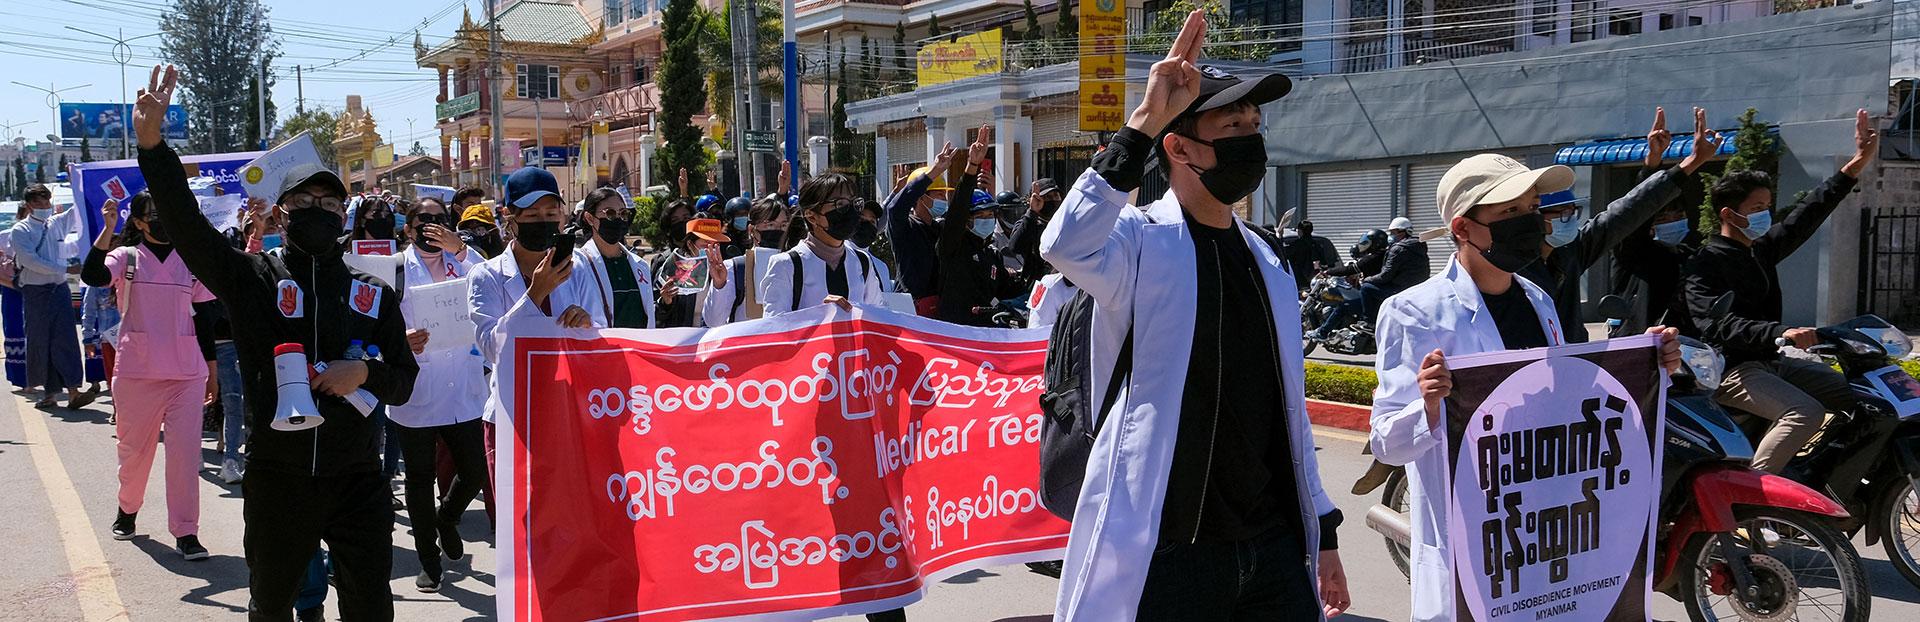 El Padre General llama a apoyar al pueblo de Myanmar